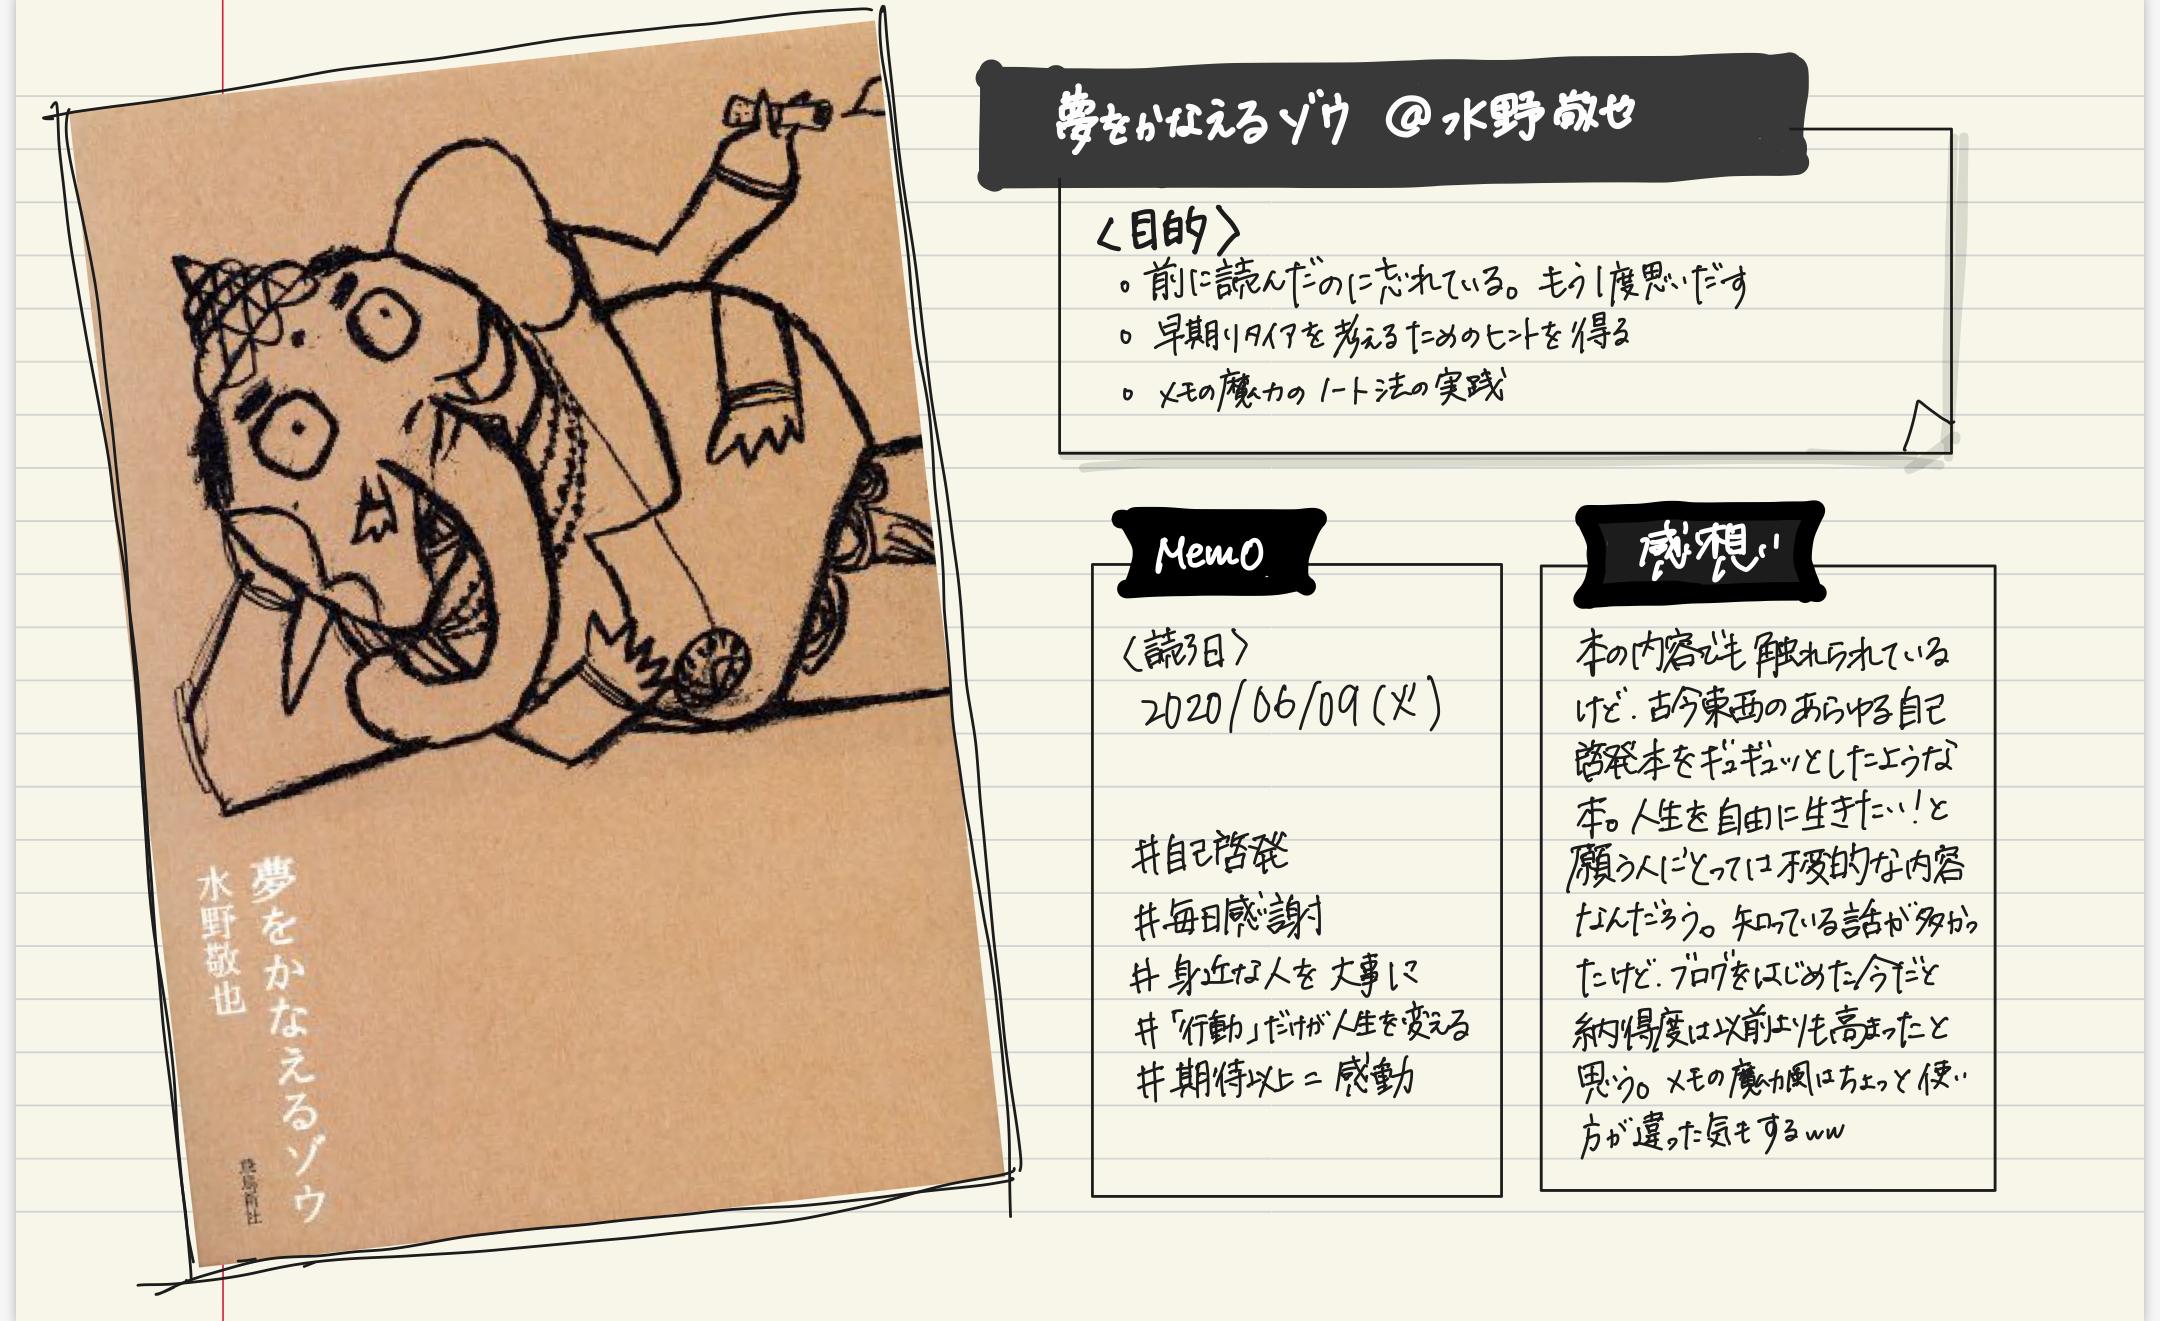 【読書感想】『夢をかなえる象』水野敬也|古今東西の自己啓発をギュギュっと凝縮